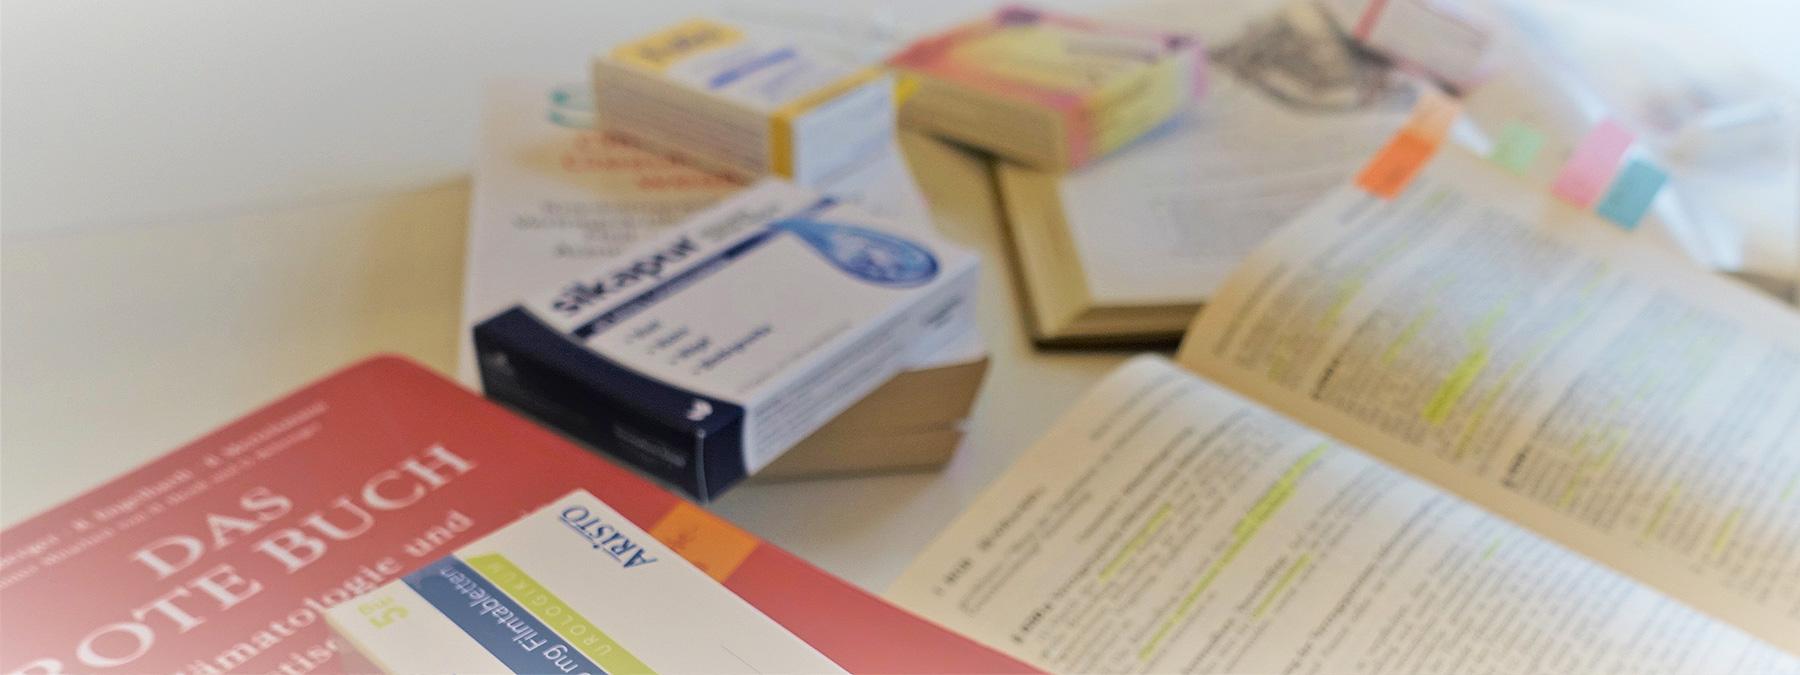 Anwalt Anwältin Potsdam Anwaltskanzlei Schadensersatz Schaden Schmerzensgeld